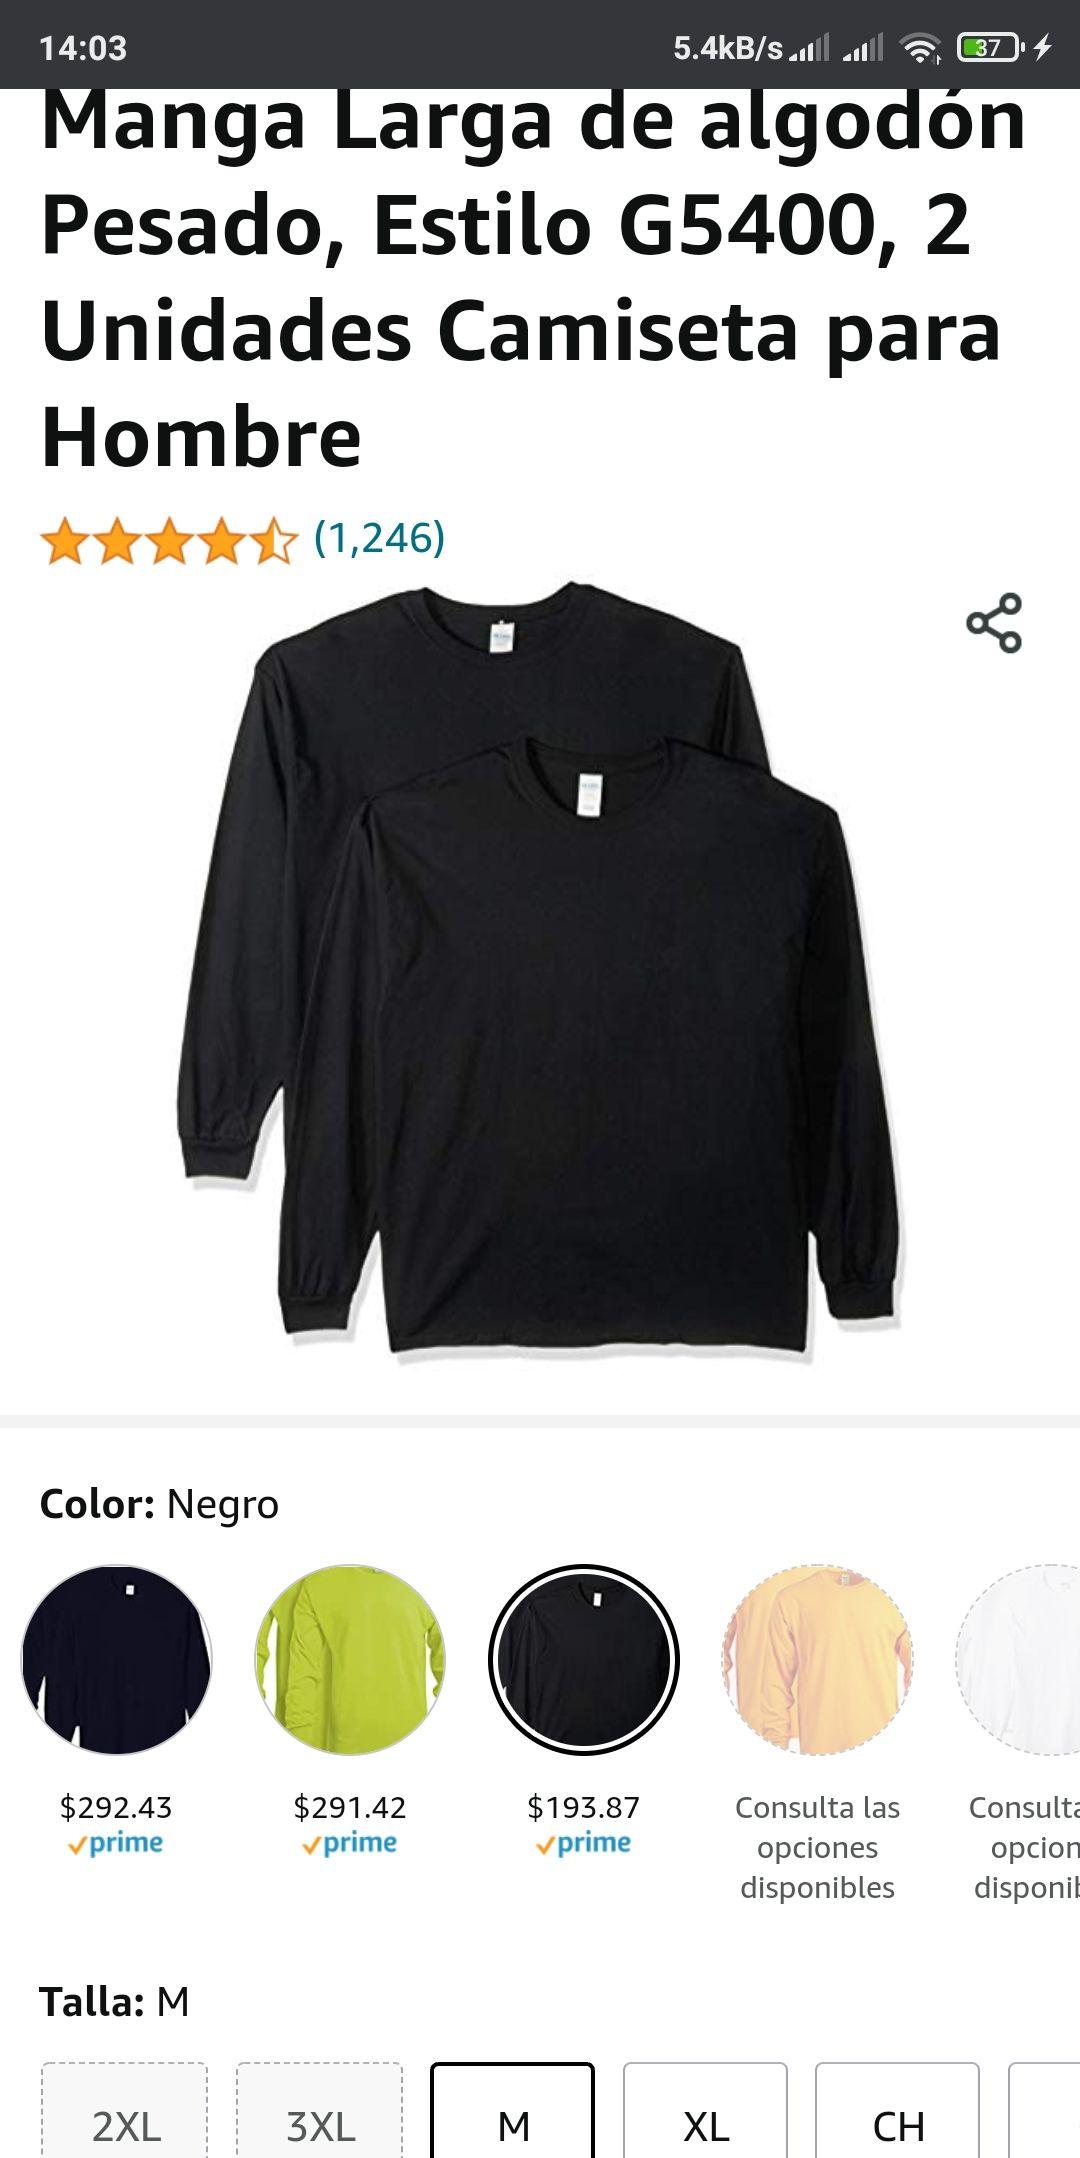 Amazon : Paquete de 2 camisetas M/L, de algodón GILDAN, Tallas M y XL